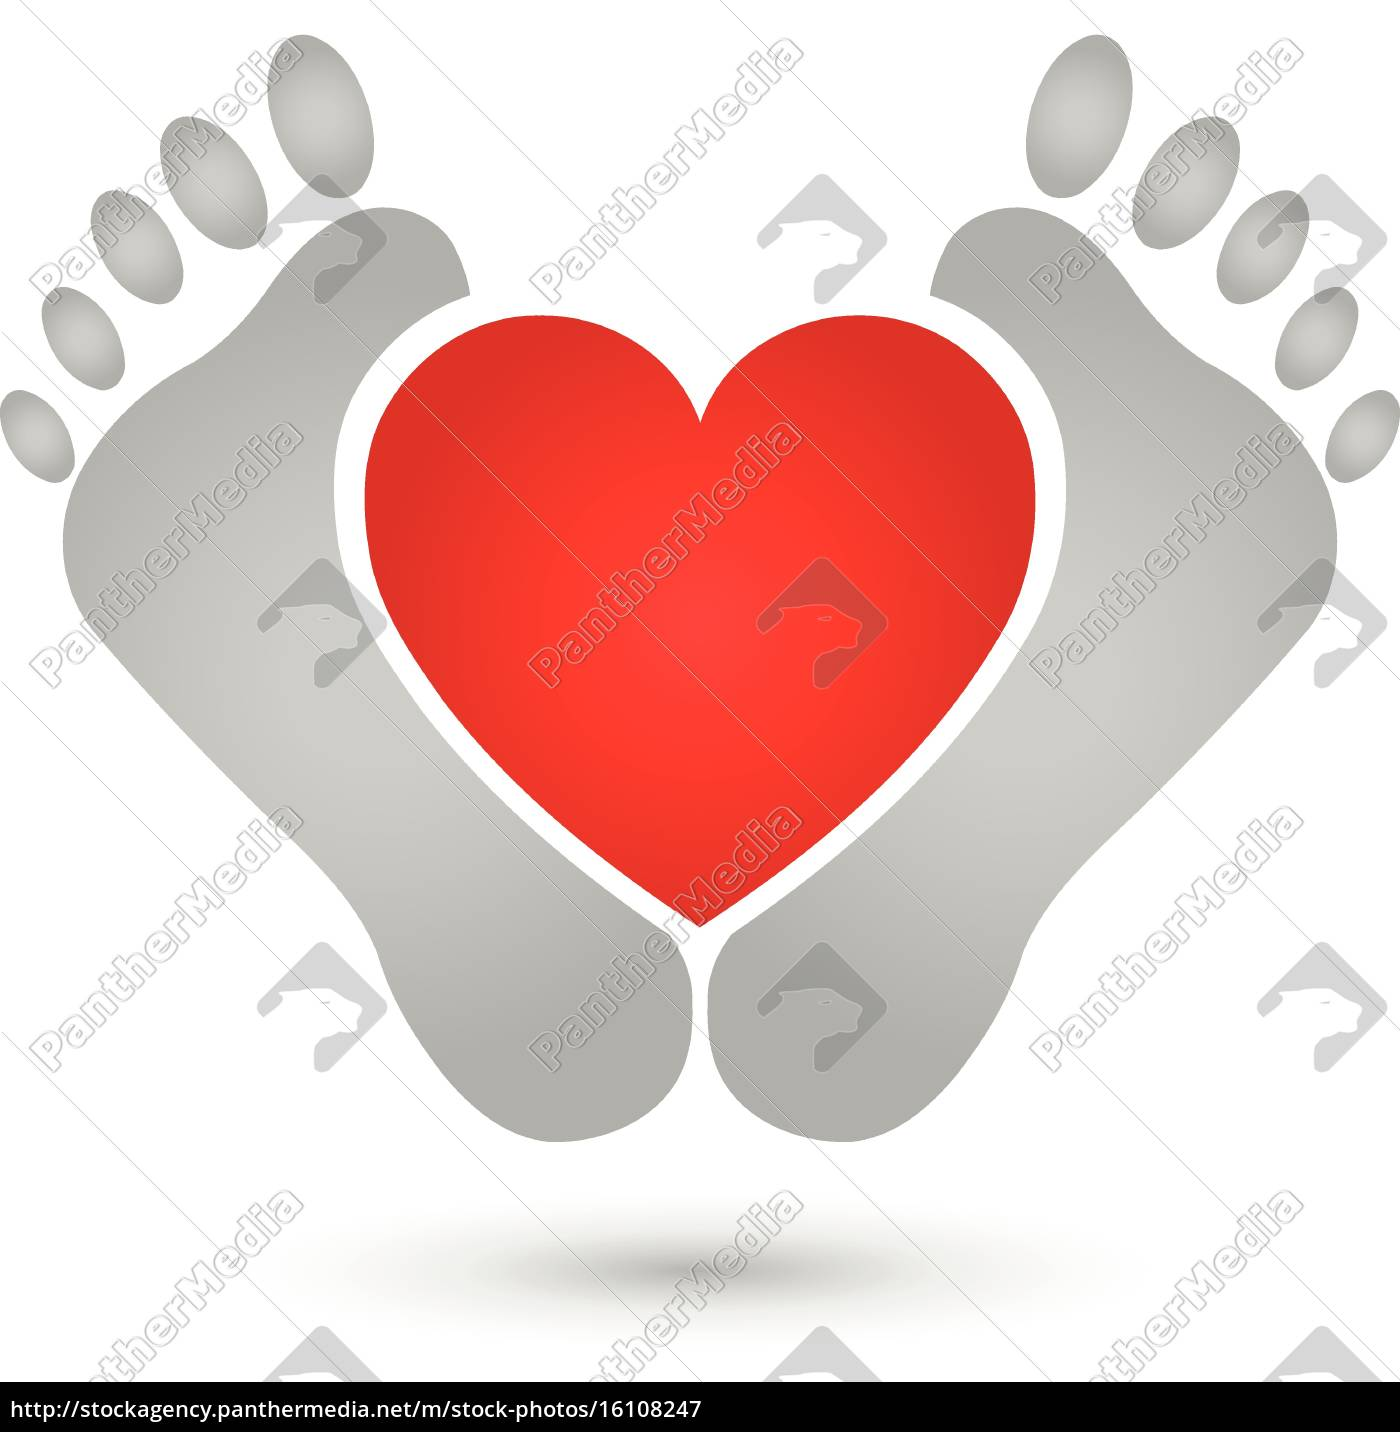 to, fødder, og, hjerte, logo, fødder - 16108247